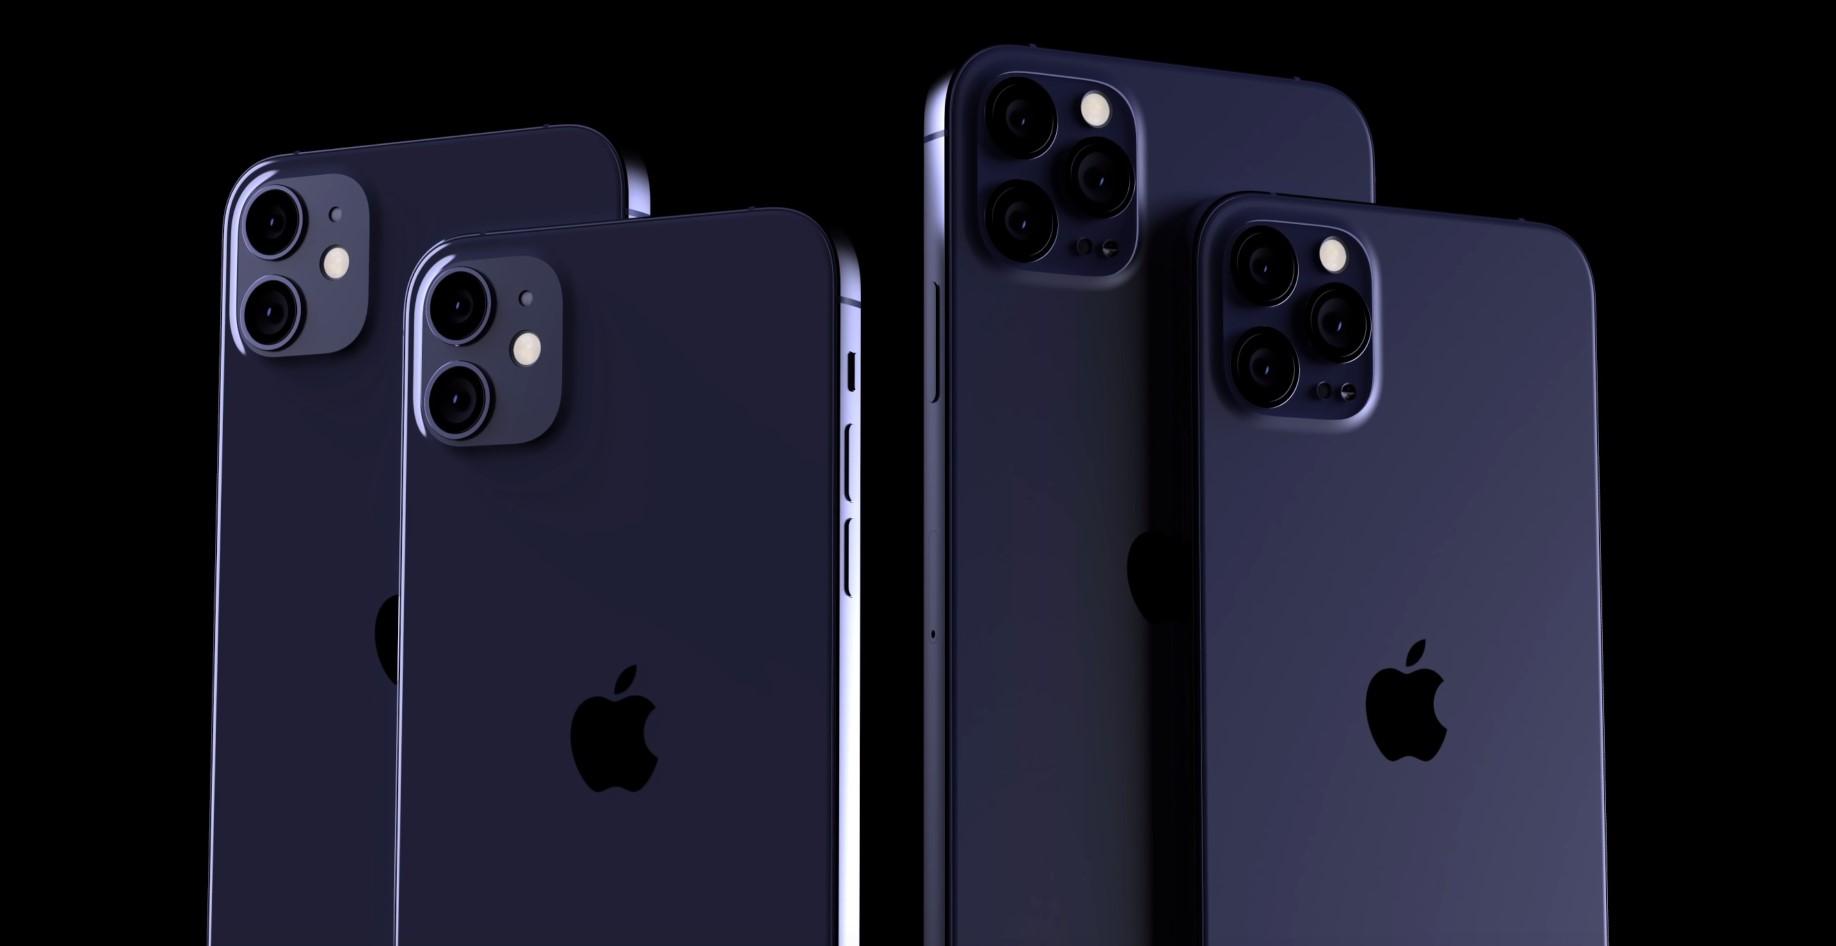 Покупателей iPhone 12 ждёт разочарование. Смартфон получит устаревший 60-герцевый экран